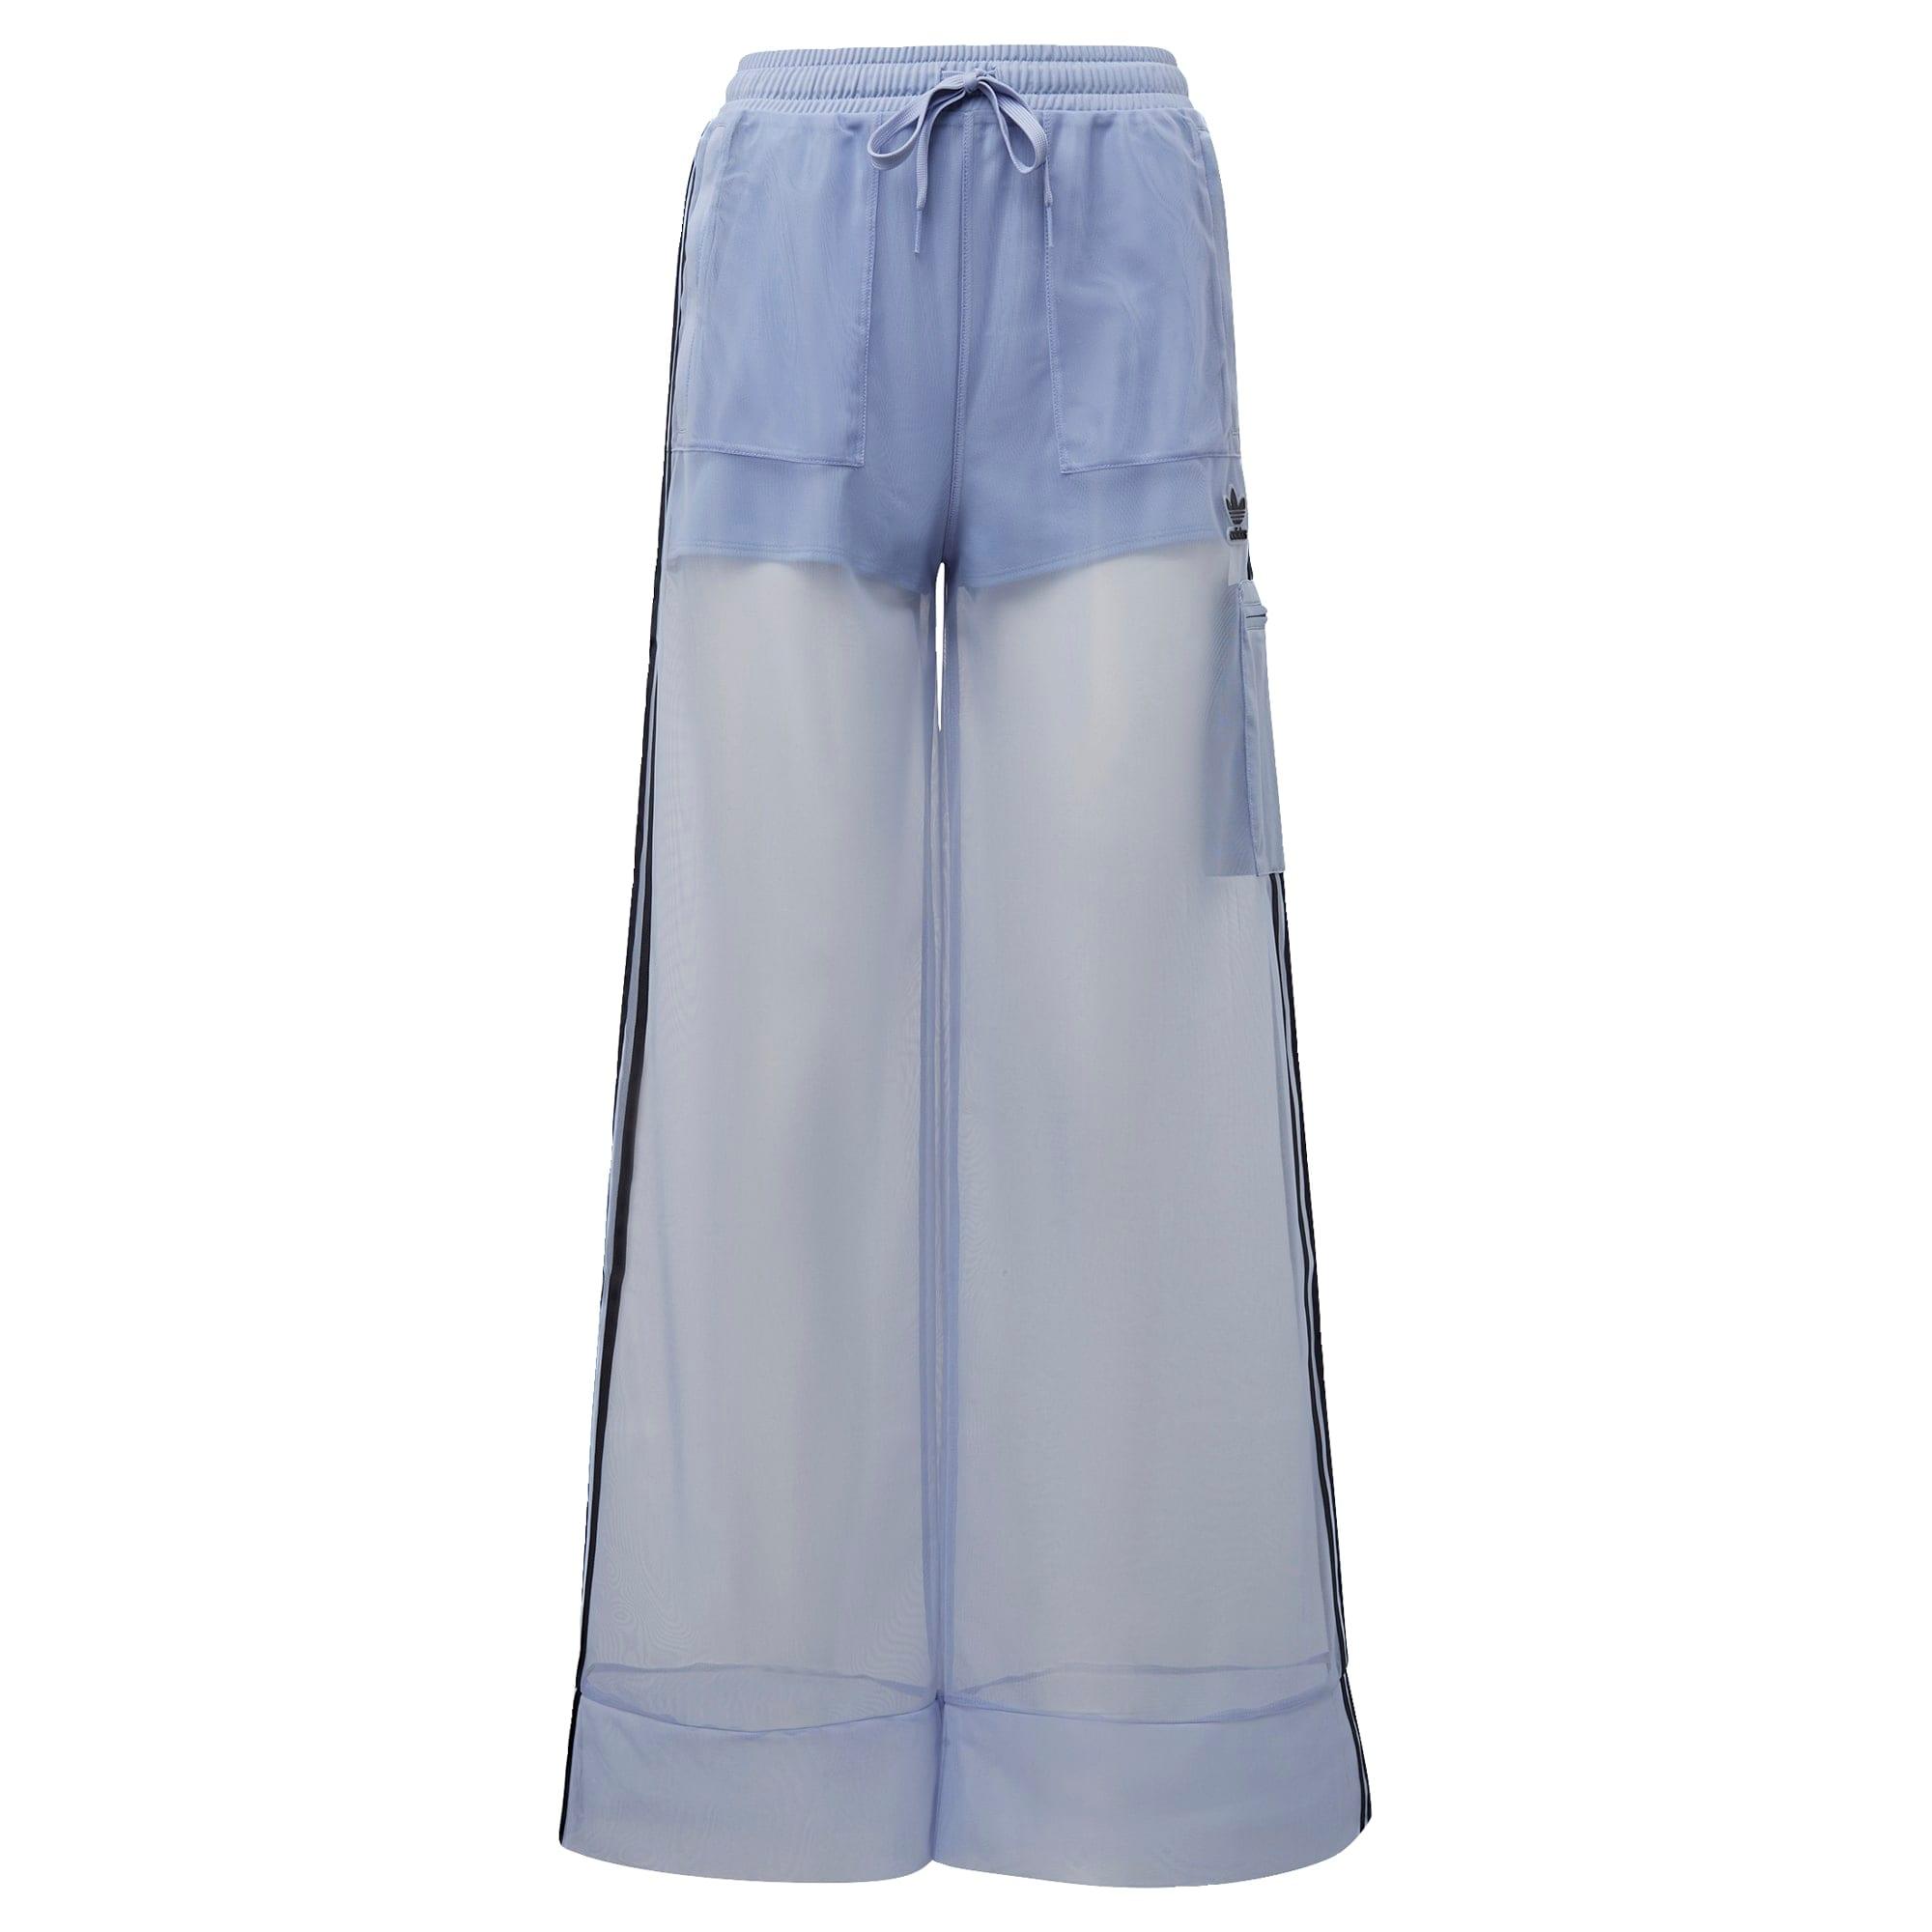 ADIDAS ORIGINALS Kelnės pastelinė mėlyna